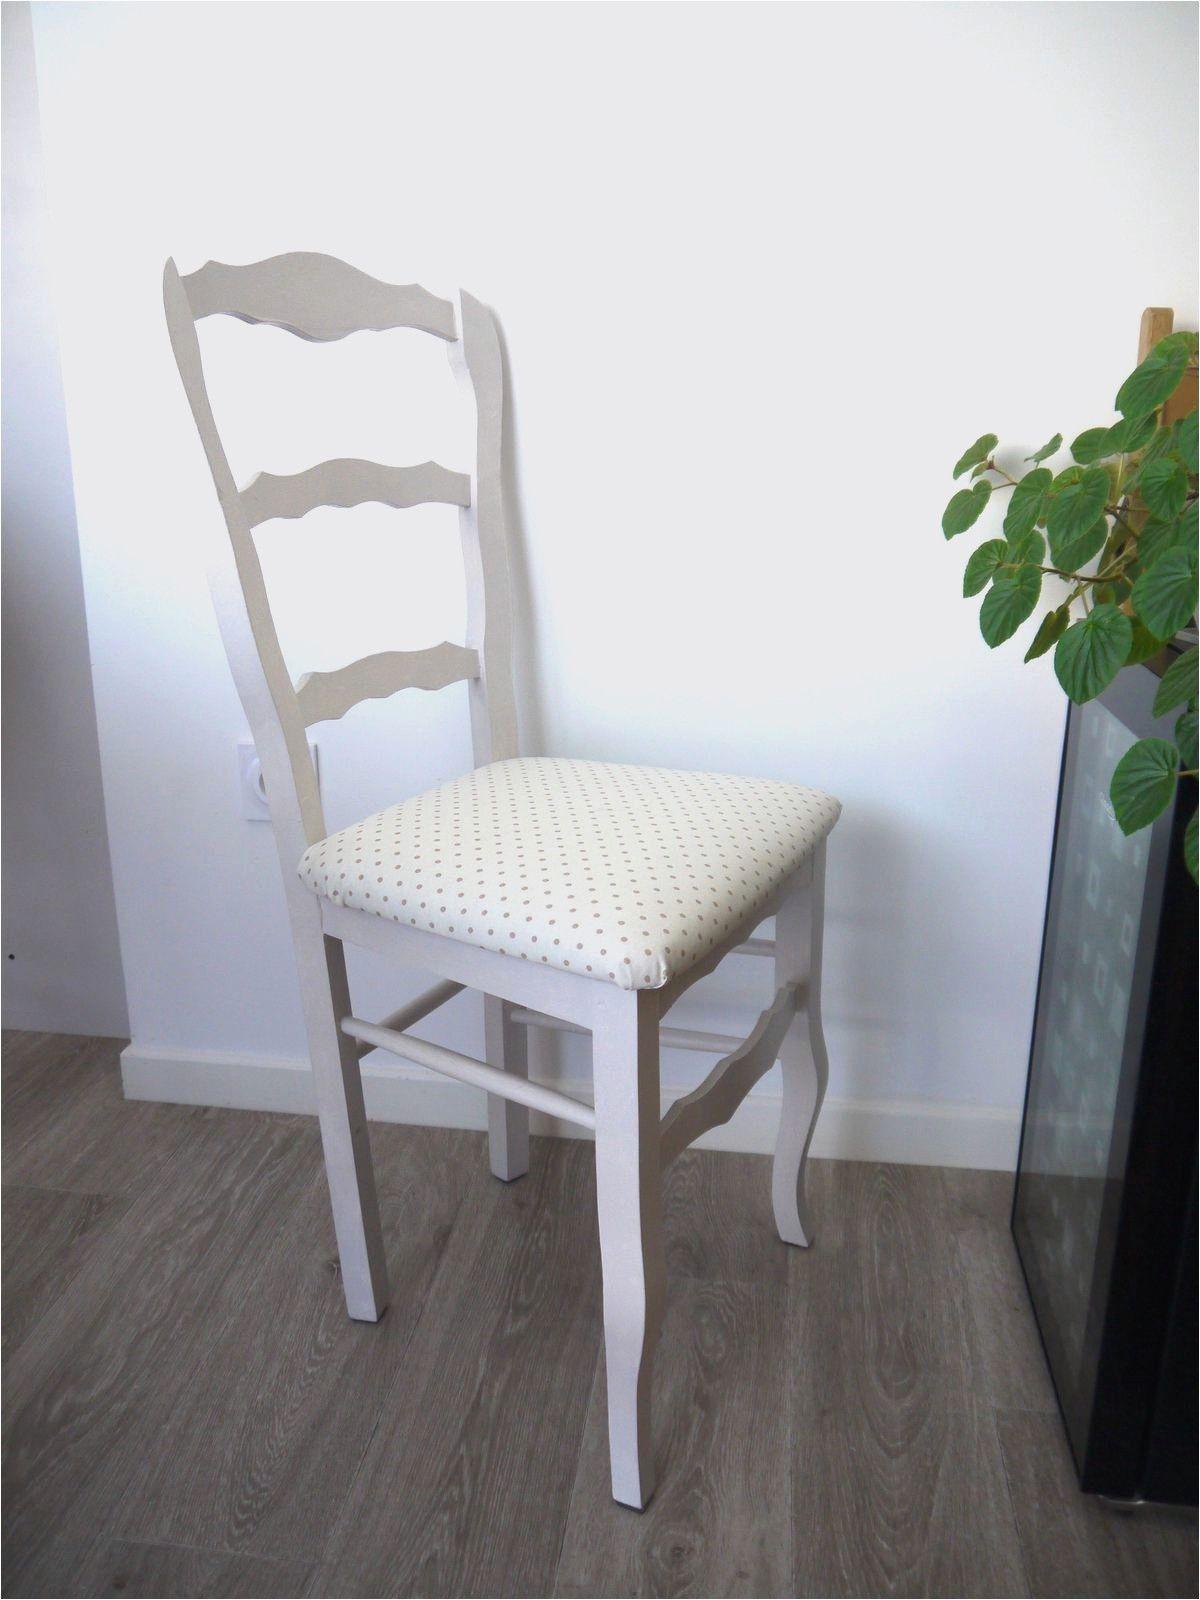 Nouveau Recouvrir Une Chaise En Paille Inspirations Recouvrir Une En 2020 Assise De Chaise Chaises Bois Relooking Chaise Salle A Manger